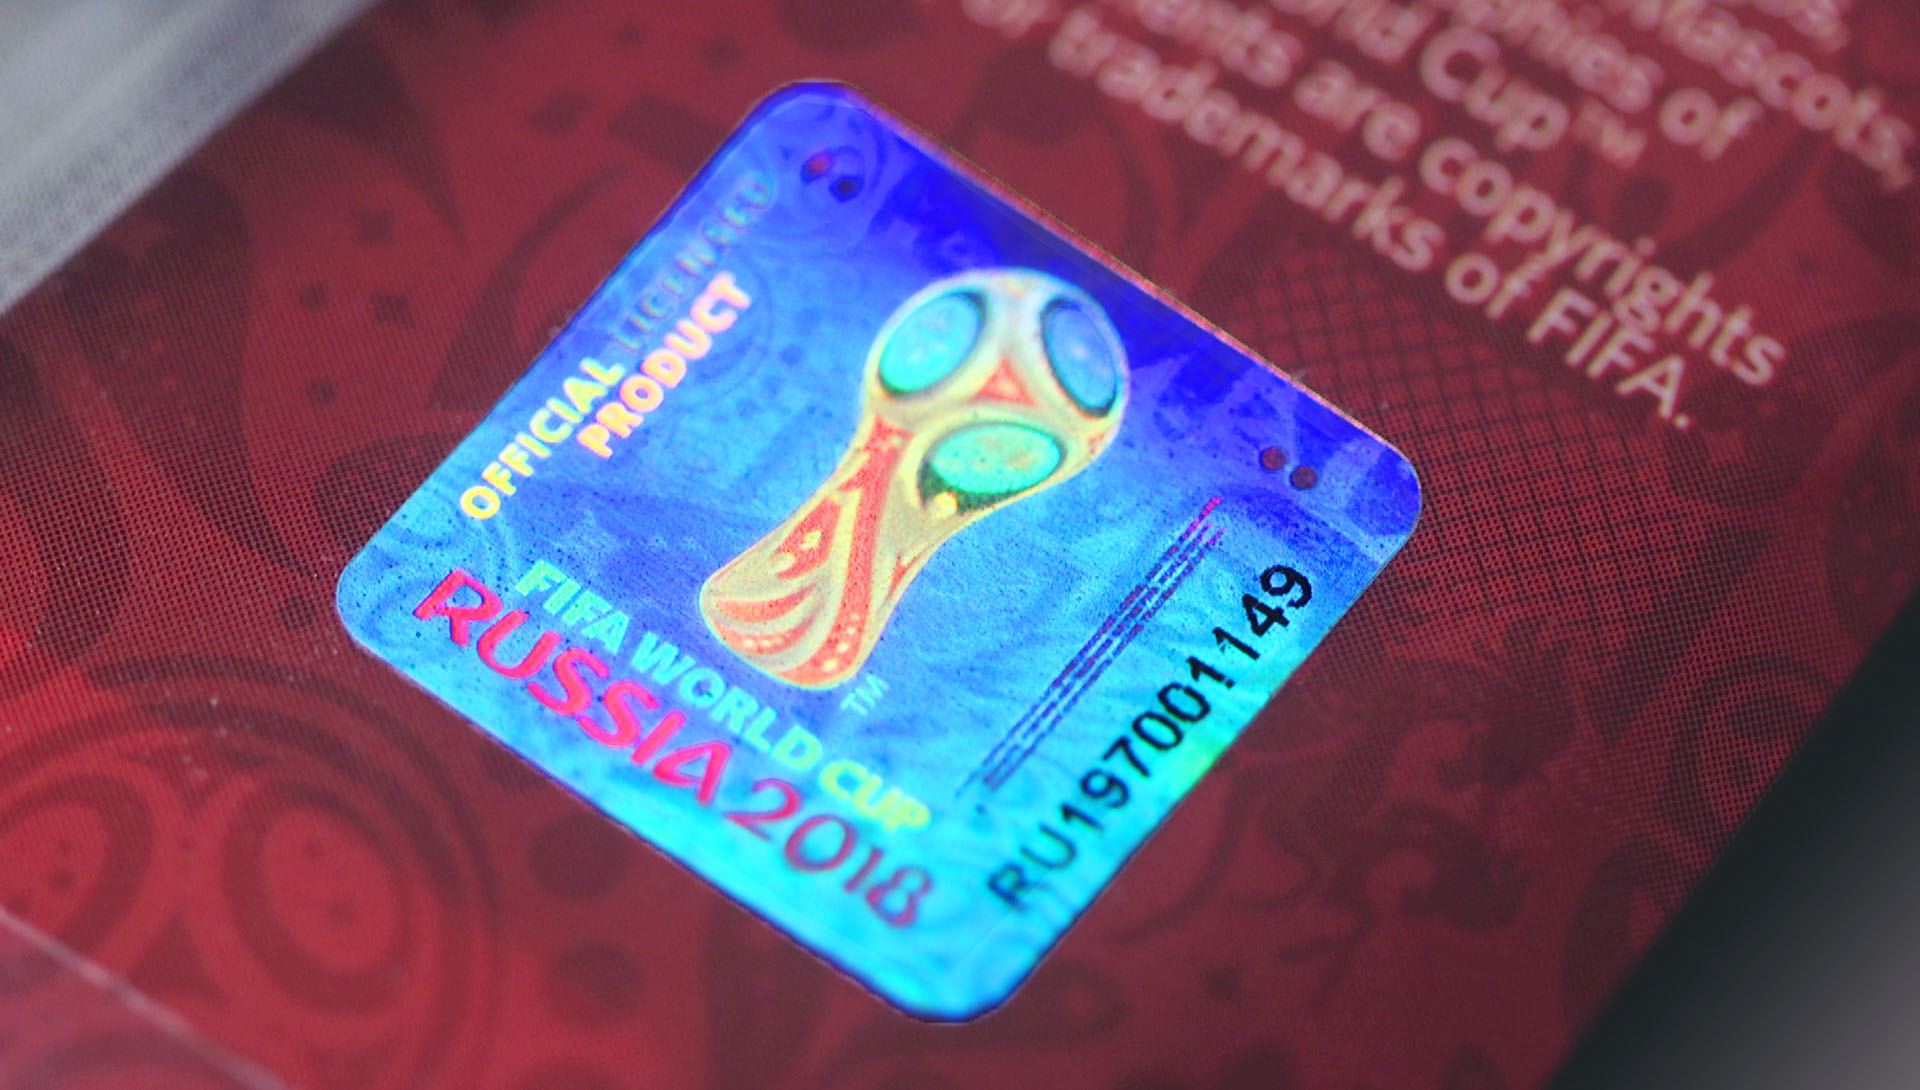 https://cdn2.hubspot.net/hubfs/2752422/Social%20Media/FIFA-hologram-%282018%29-promotion-2.jpg